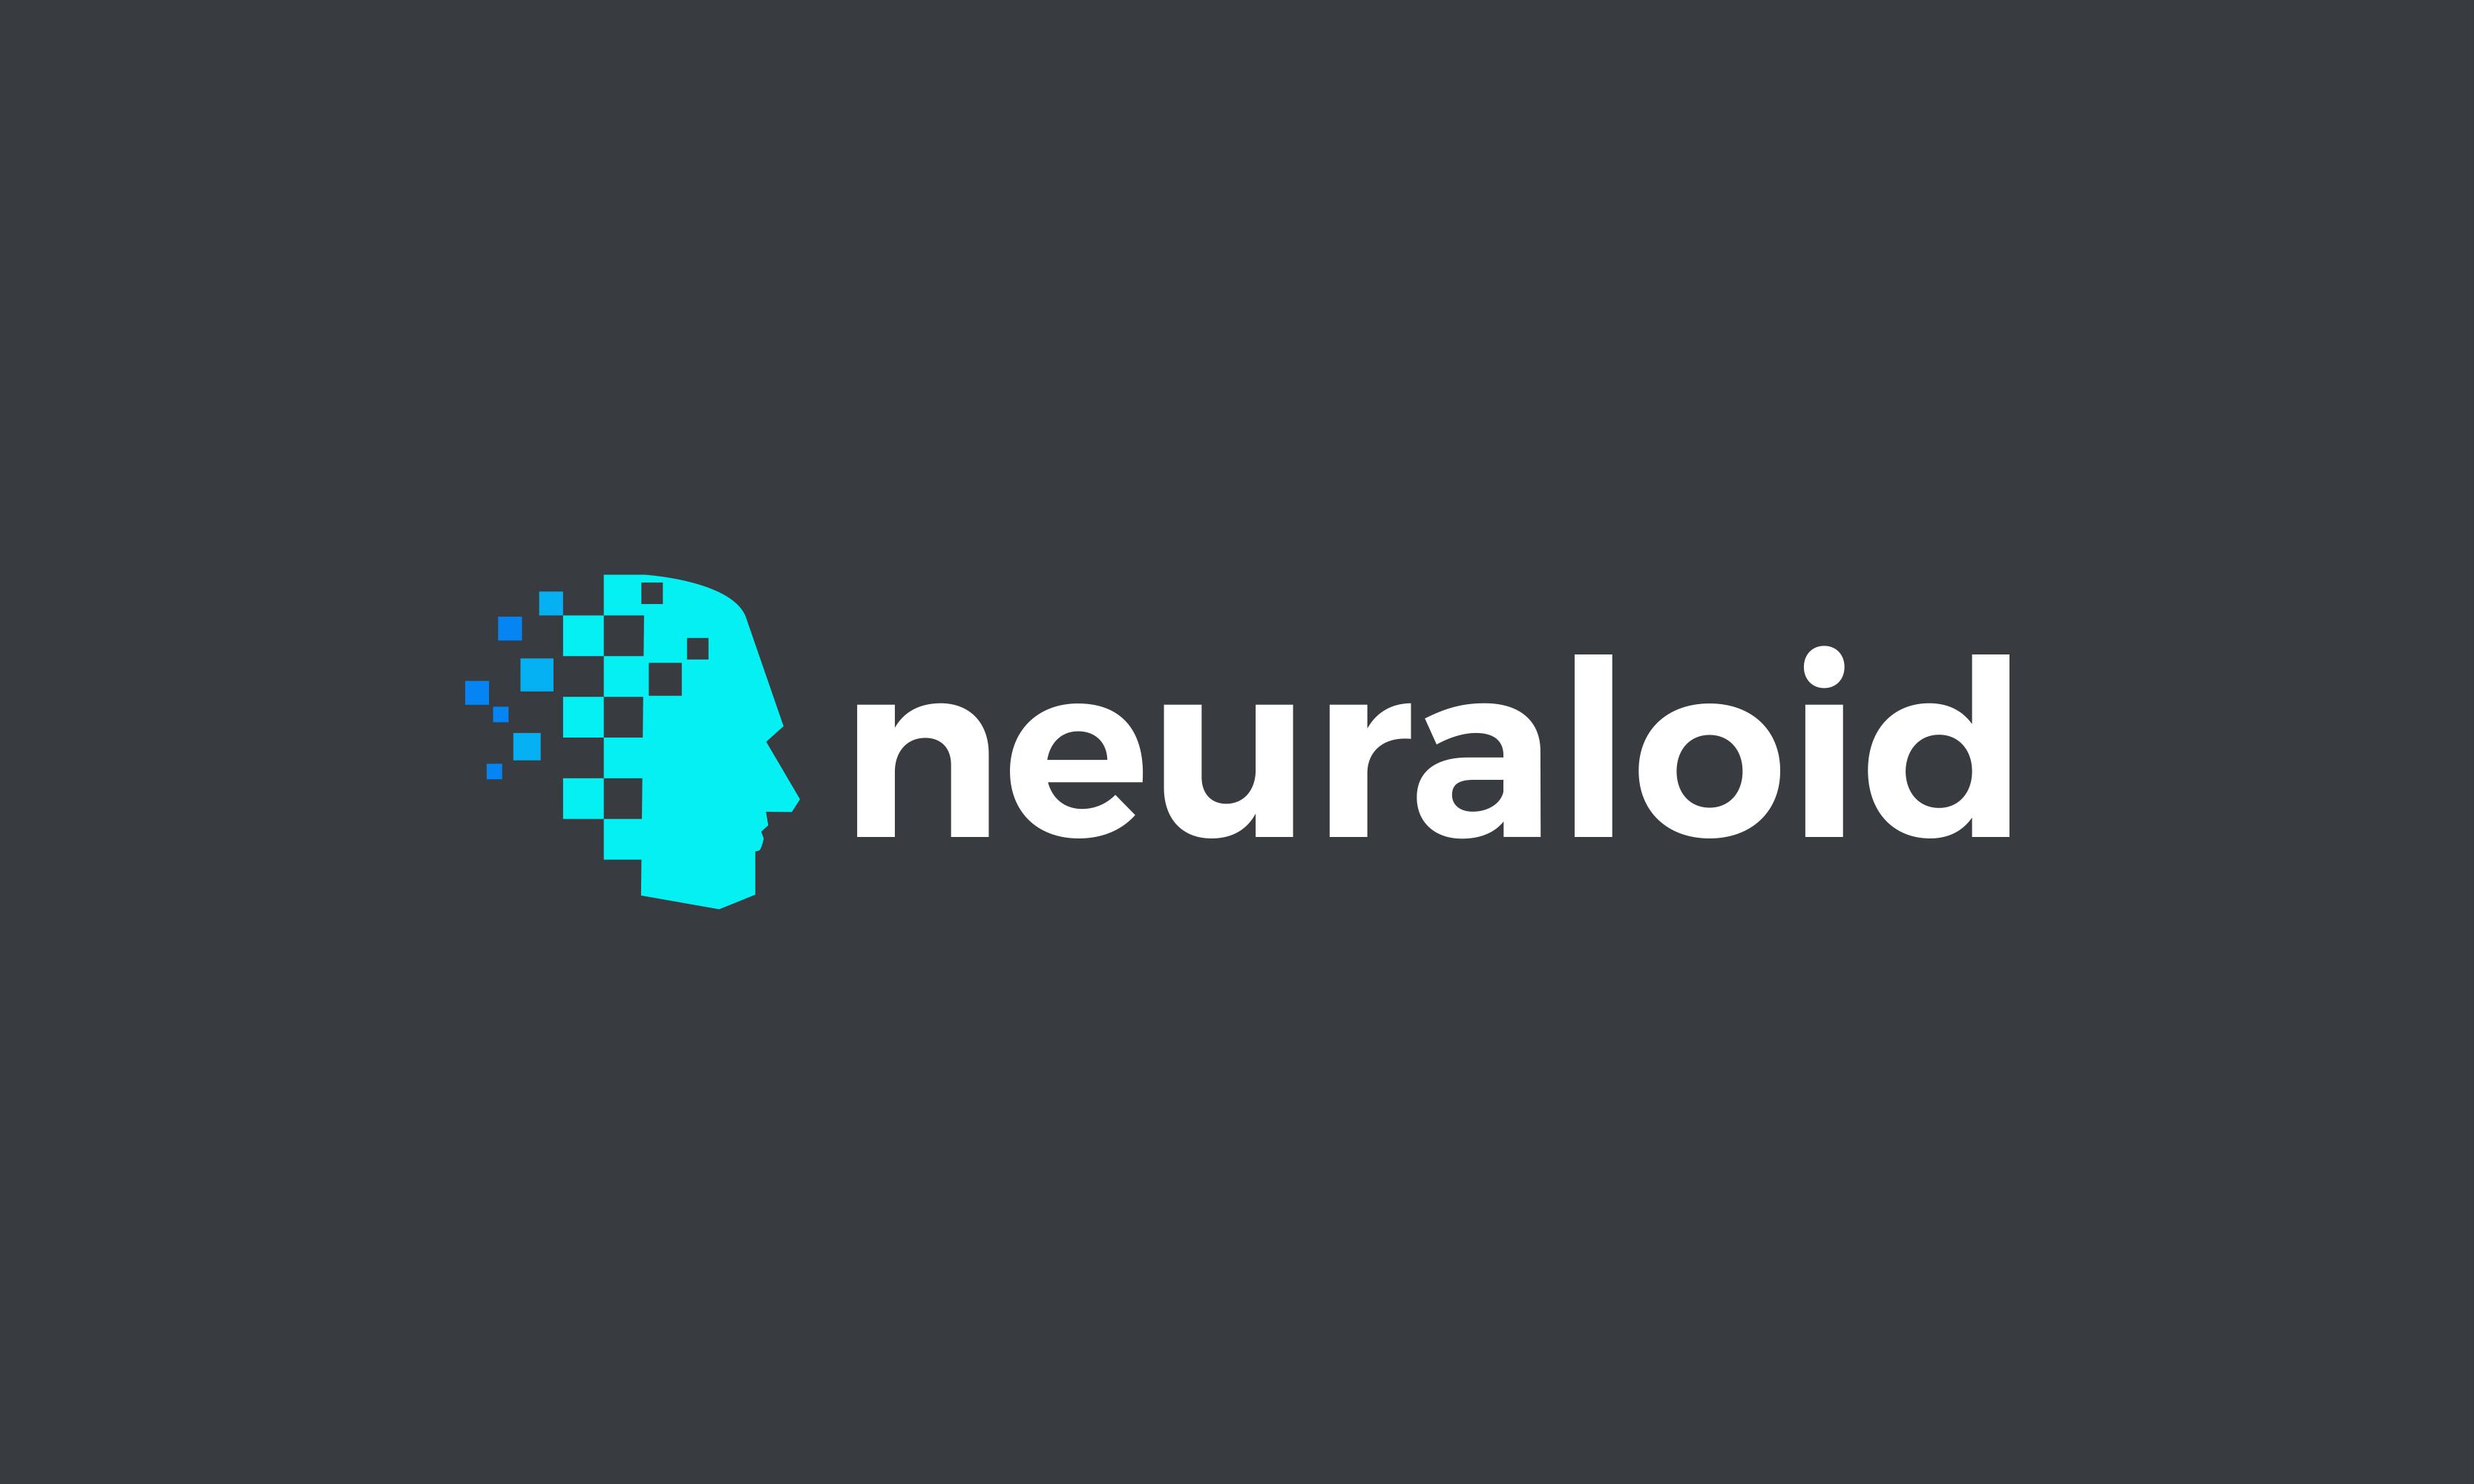 Neuraloid